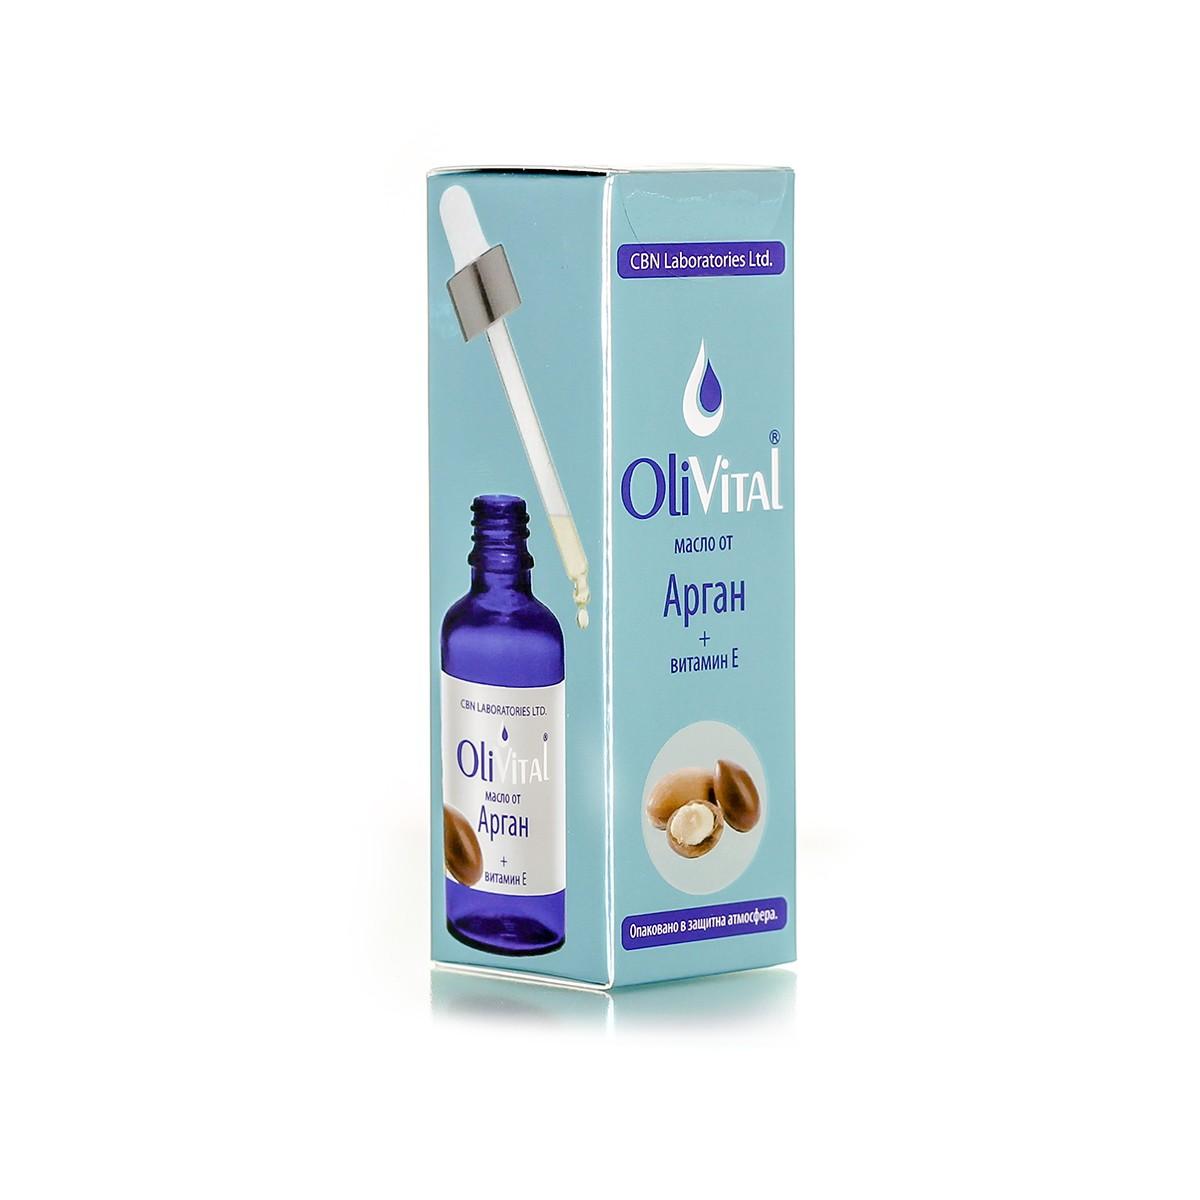 Natural argan oil with vitamin E OliVital CBN Laboratories